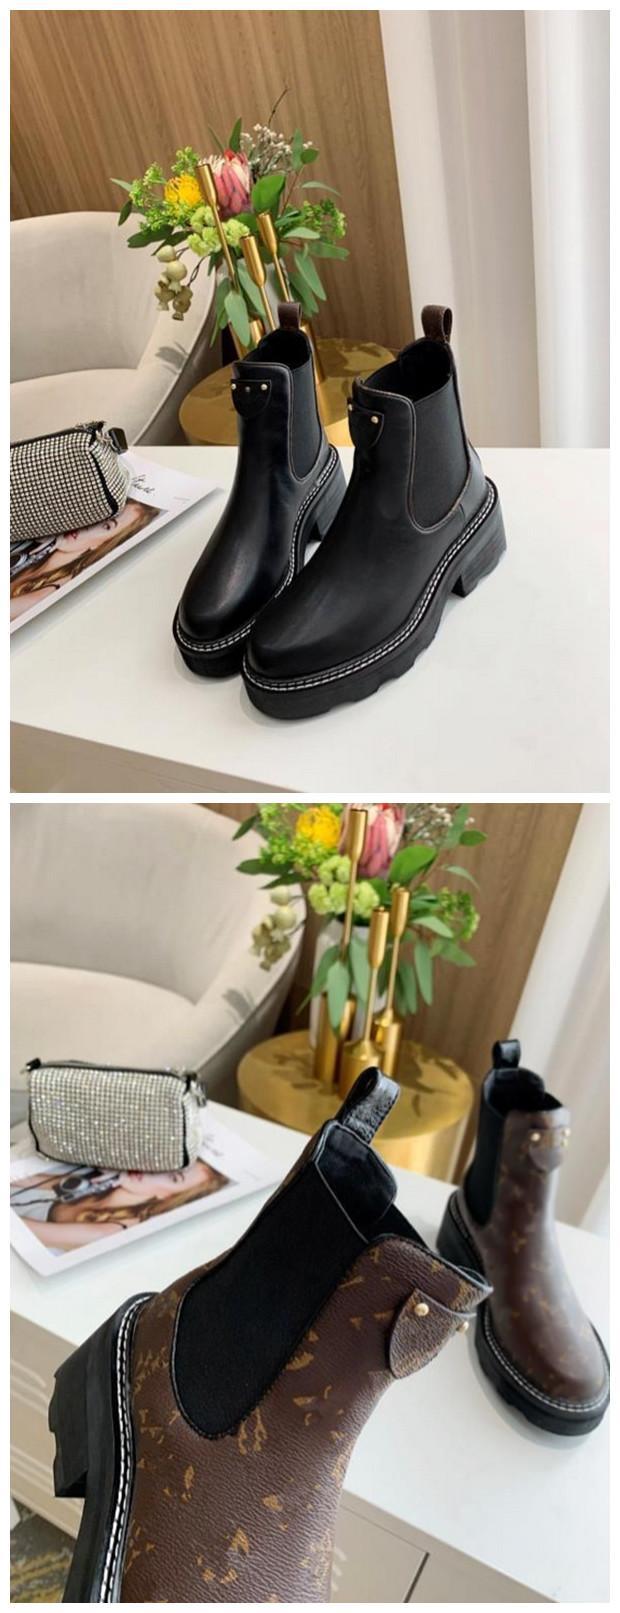 De alta calidad BEAUBOURG tobillo mujeres de las botas zapatos botas de invierno muchachas de las señoras de seda de la piel de vacuno de alta Top para mujer plana del cargador del tobillo